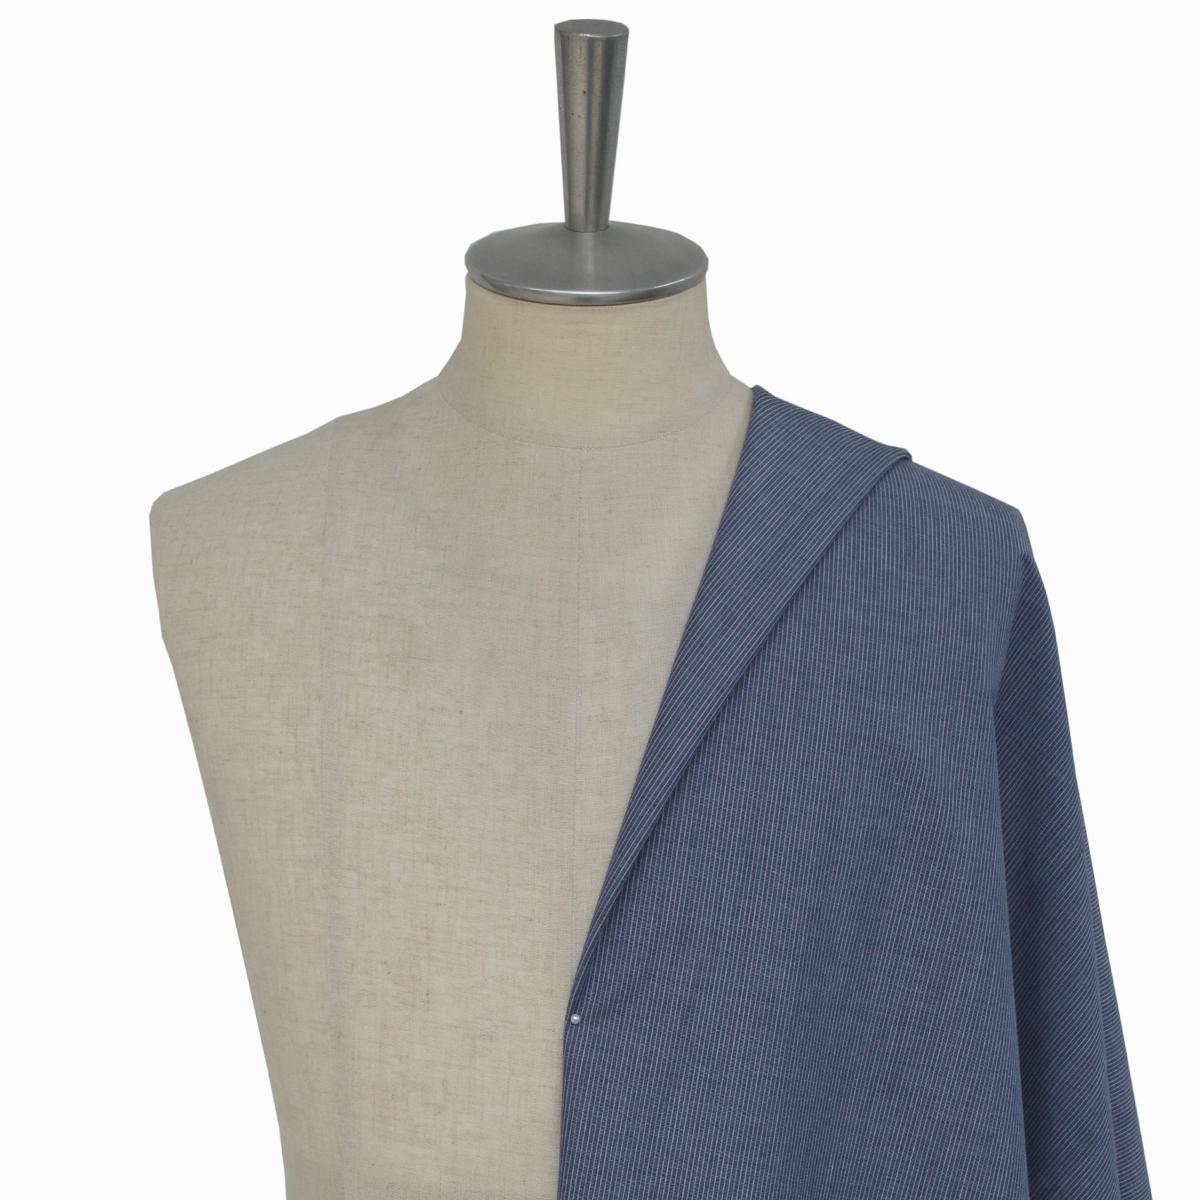 [オーダーレディーススーツ スカートセット]【Angelico】カジュアルビジネスもカジュアルにも幅広く